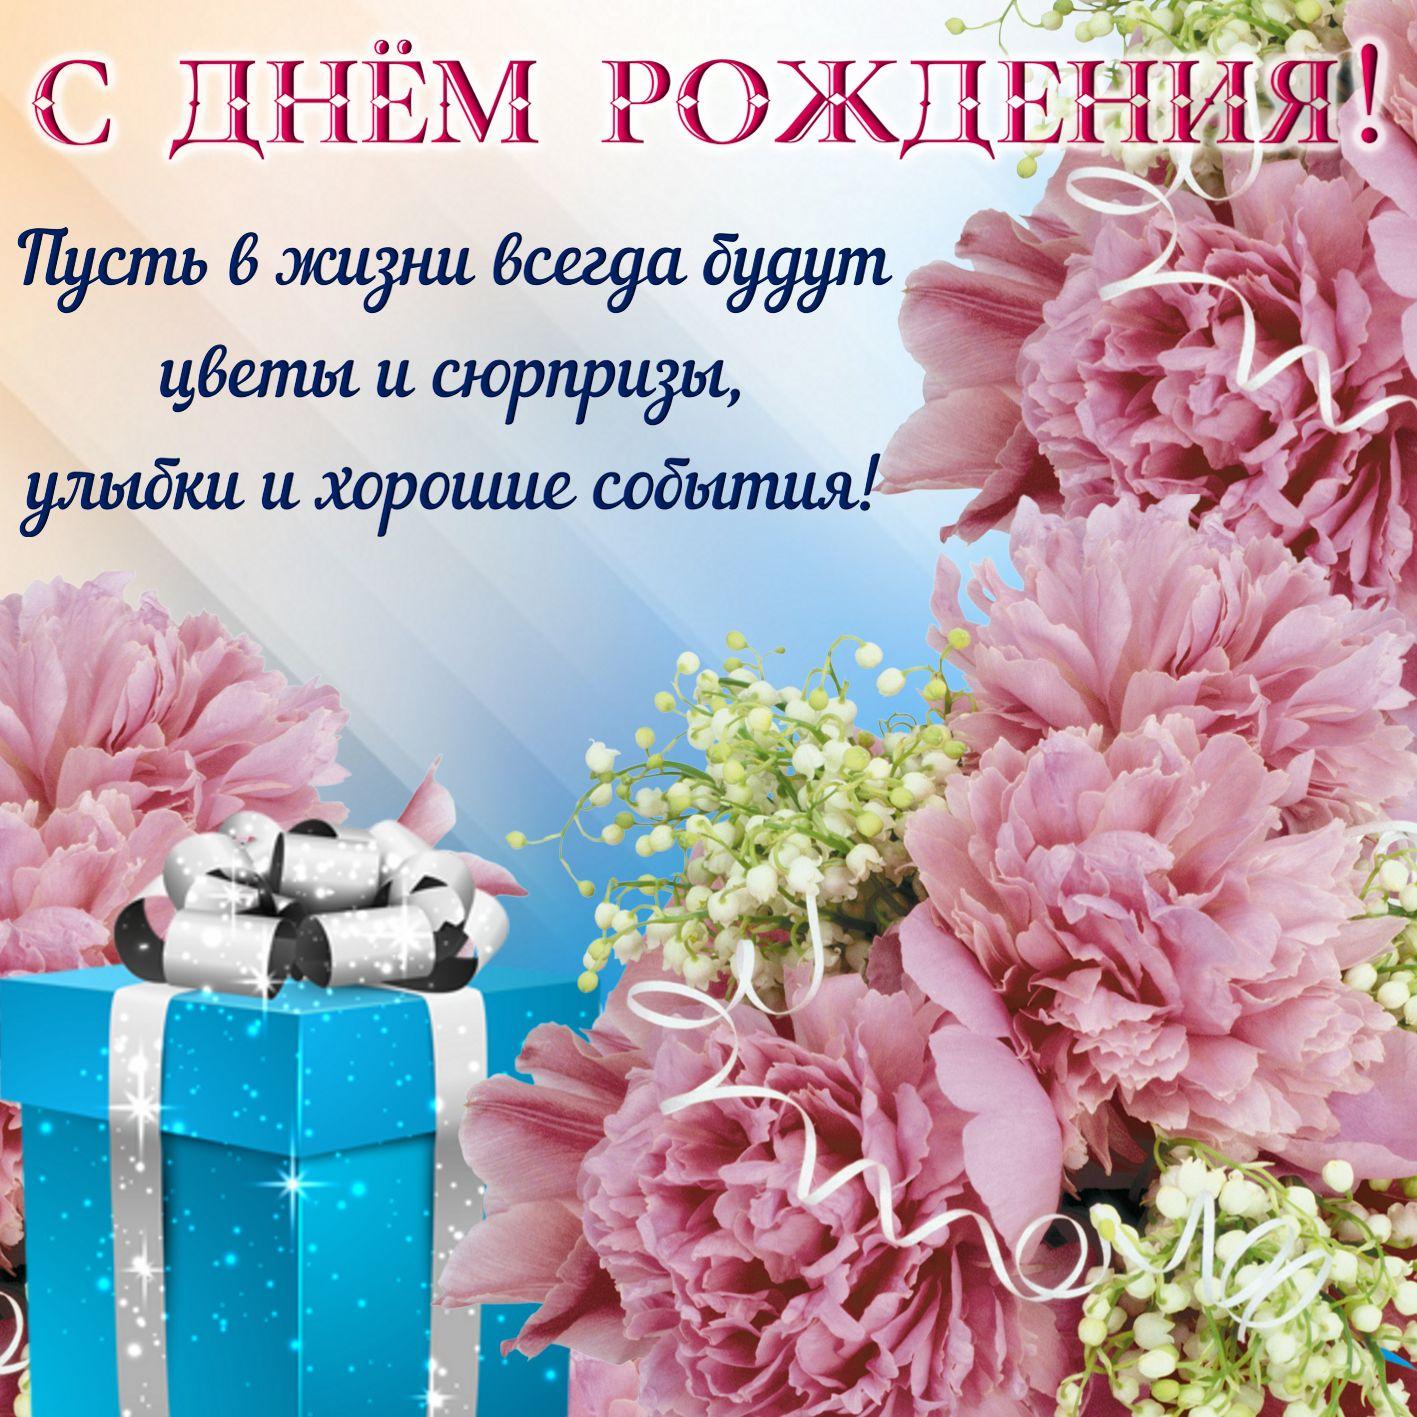 Поздравления на день рождения красивые в картинках